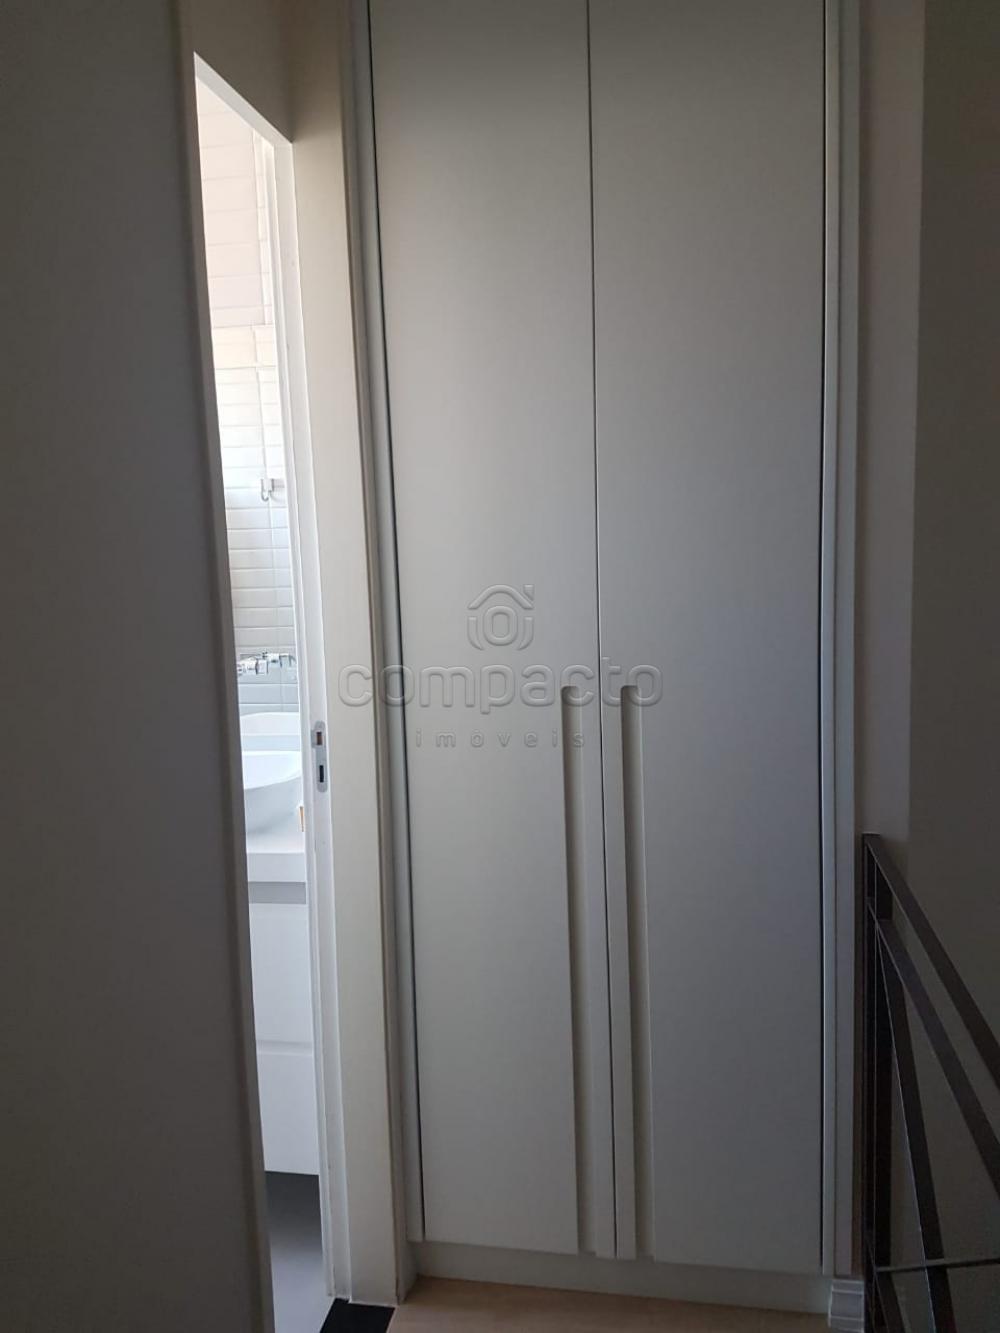 Comprar Casa / Condomínio em São José do Rio Preto apenas R$ 480.000,00 - Foto 3